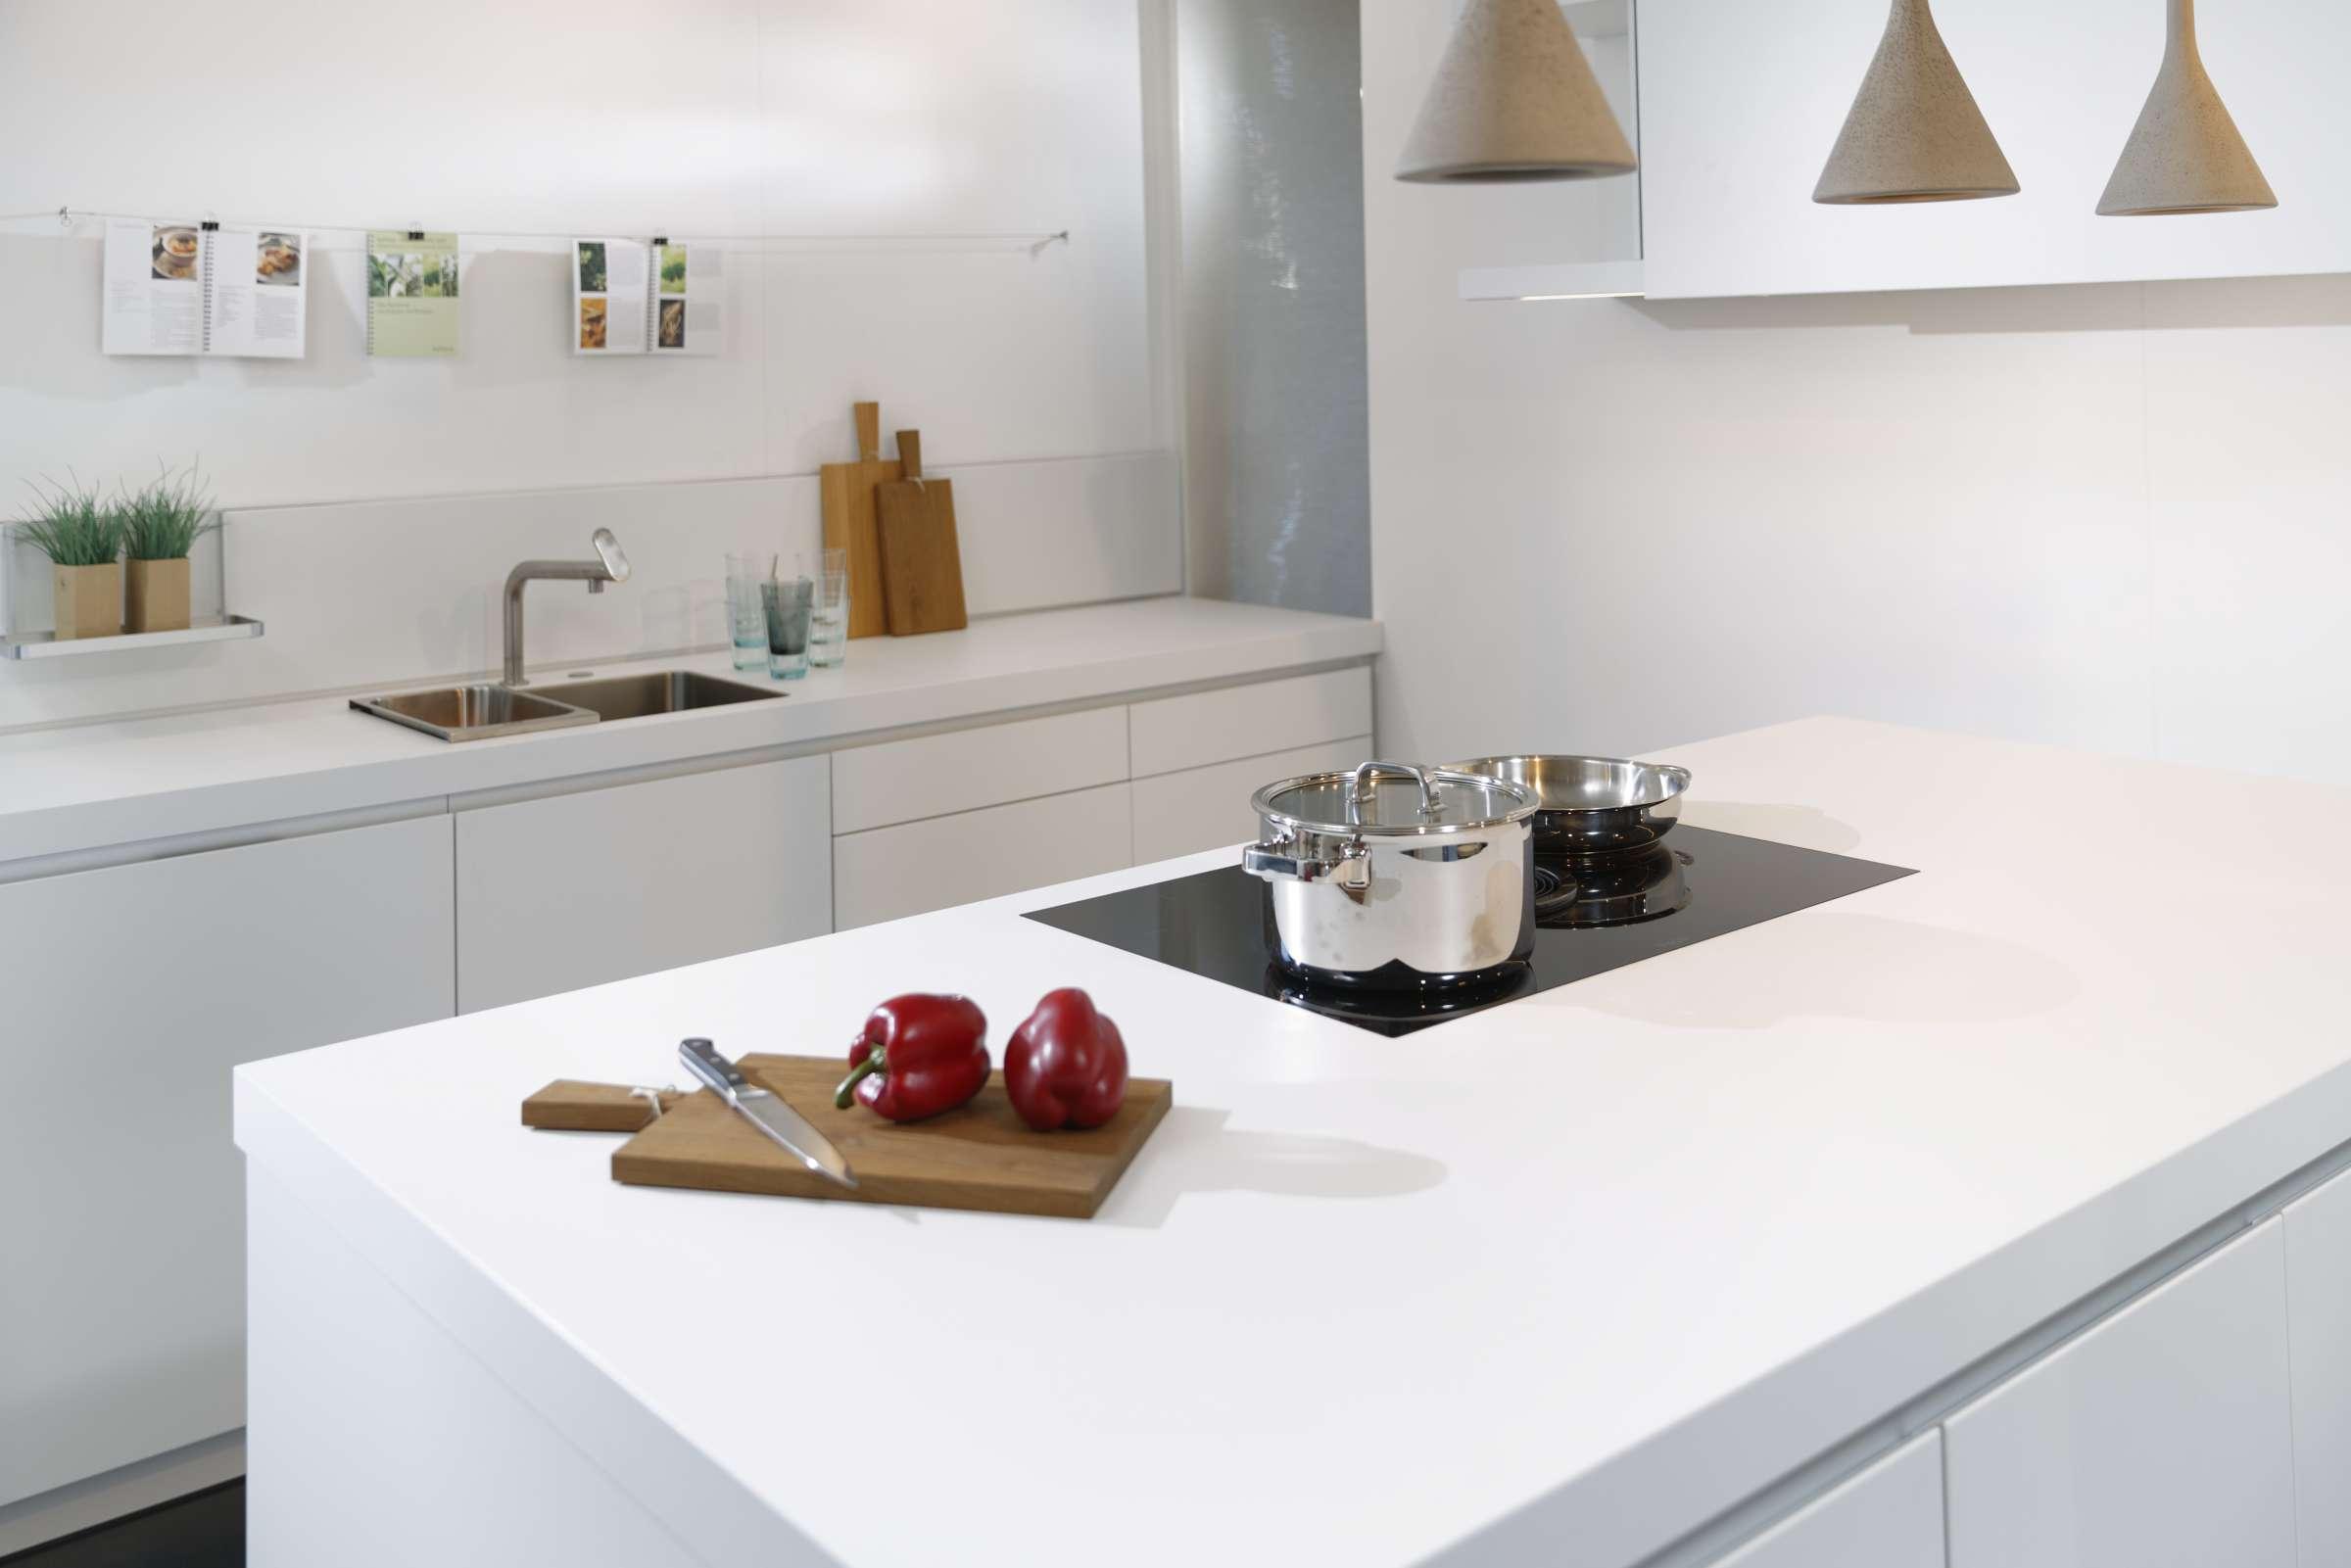 Full Size of Wohnung Mit Offener Küche Einrichten Küche Einrichten Online Planen Küche Einrichten Nach Feng Shui Englische Küche Einrichten Küche Küche Einrichten